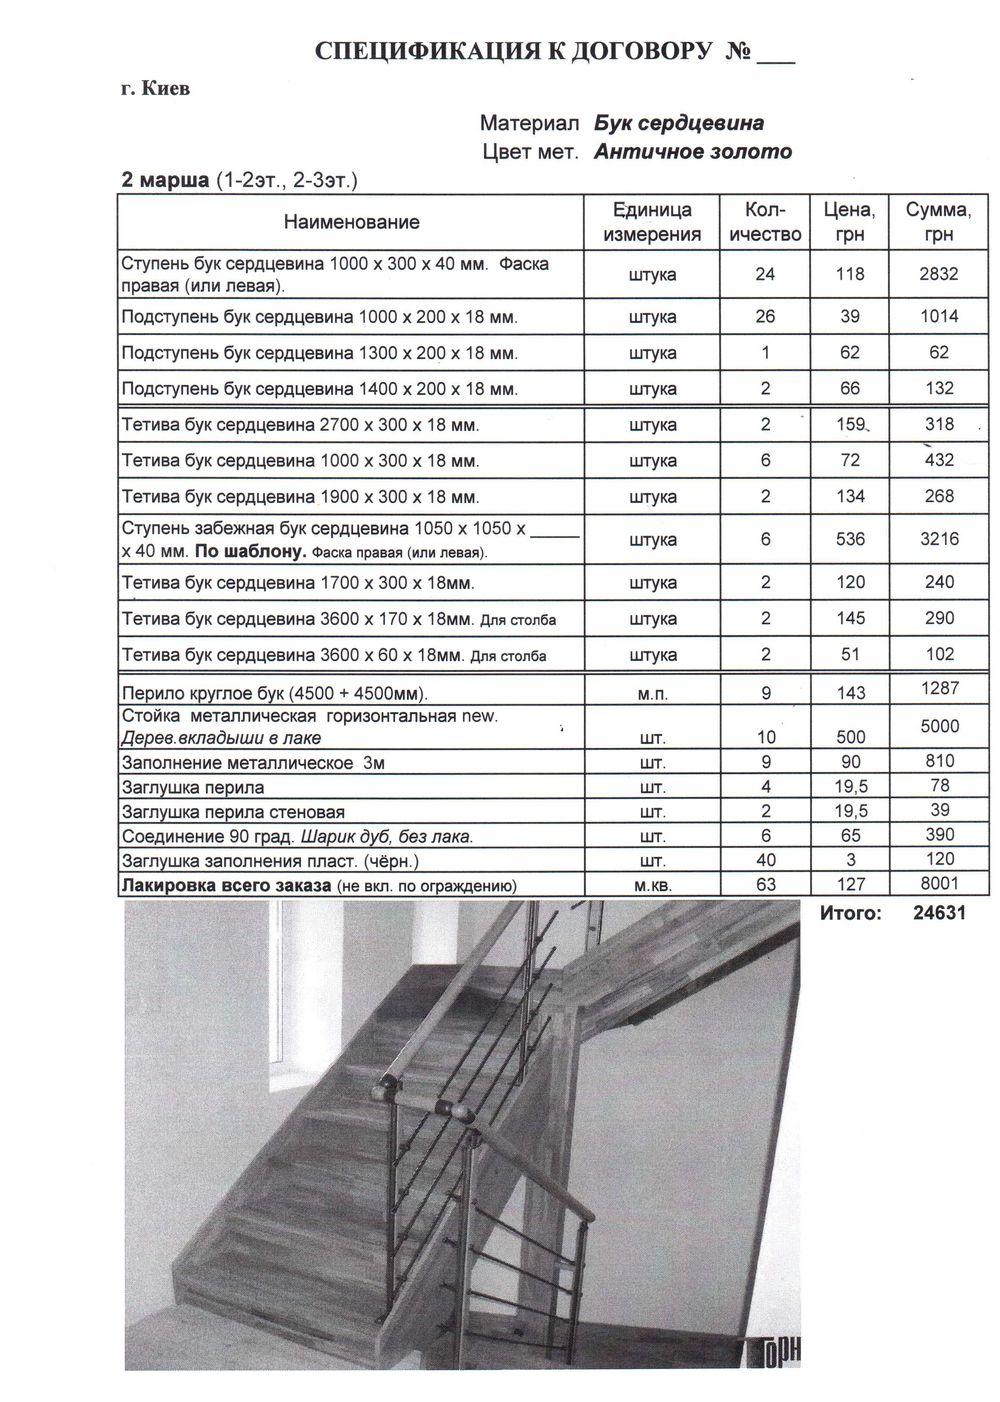 расценки на изготовление подъездных металлических лестниц